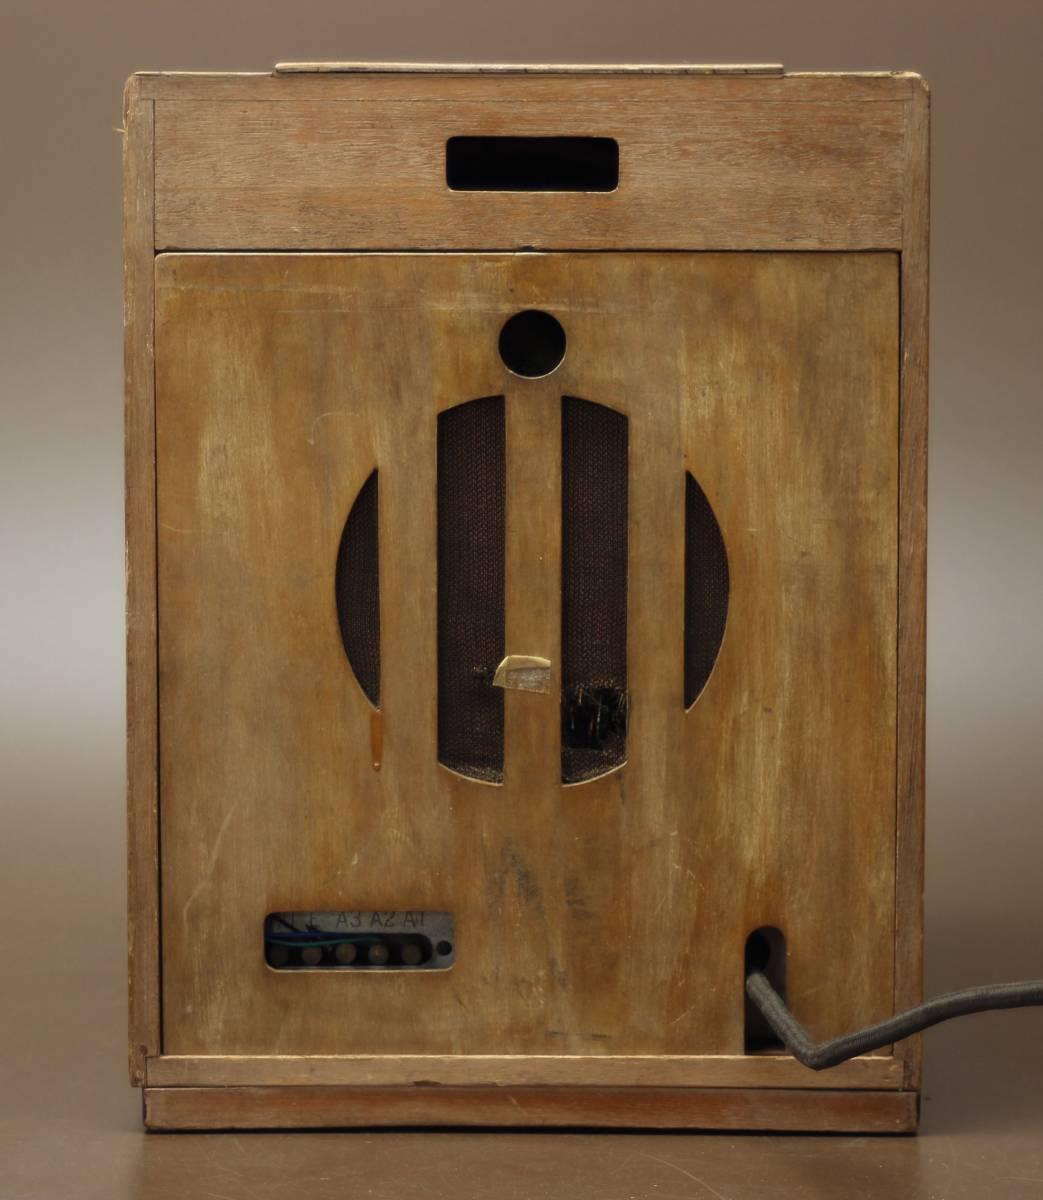 CROWN 480 古い真空管ラジオ ジャンク クラウン_画像4